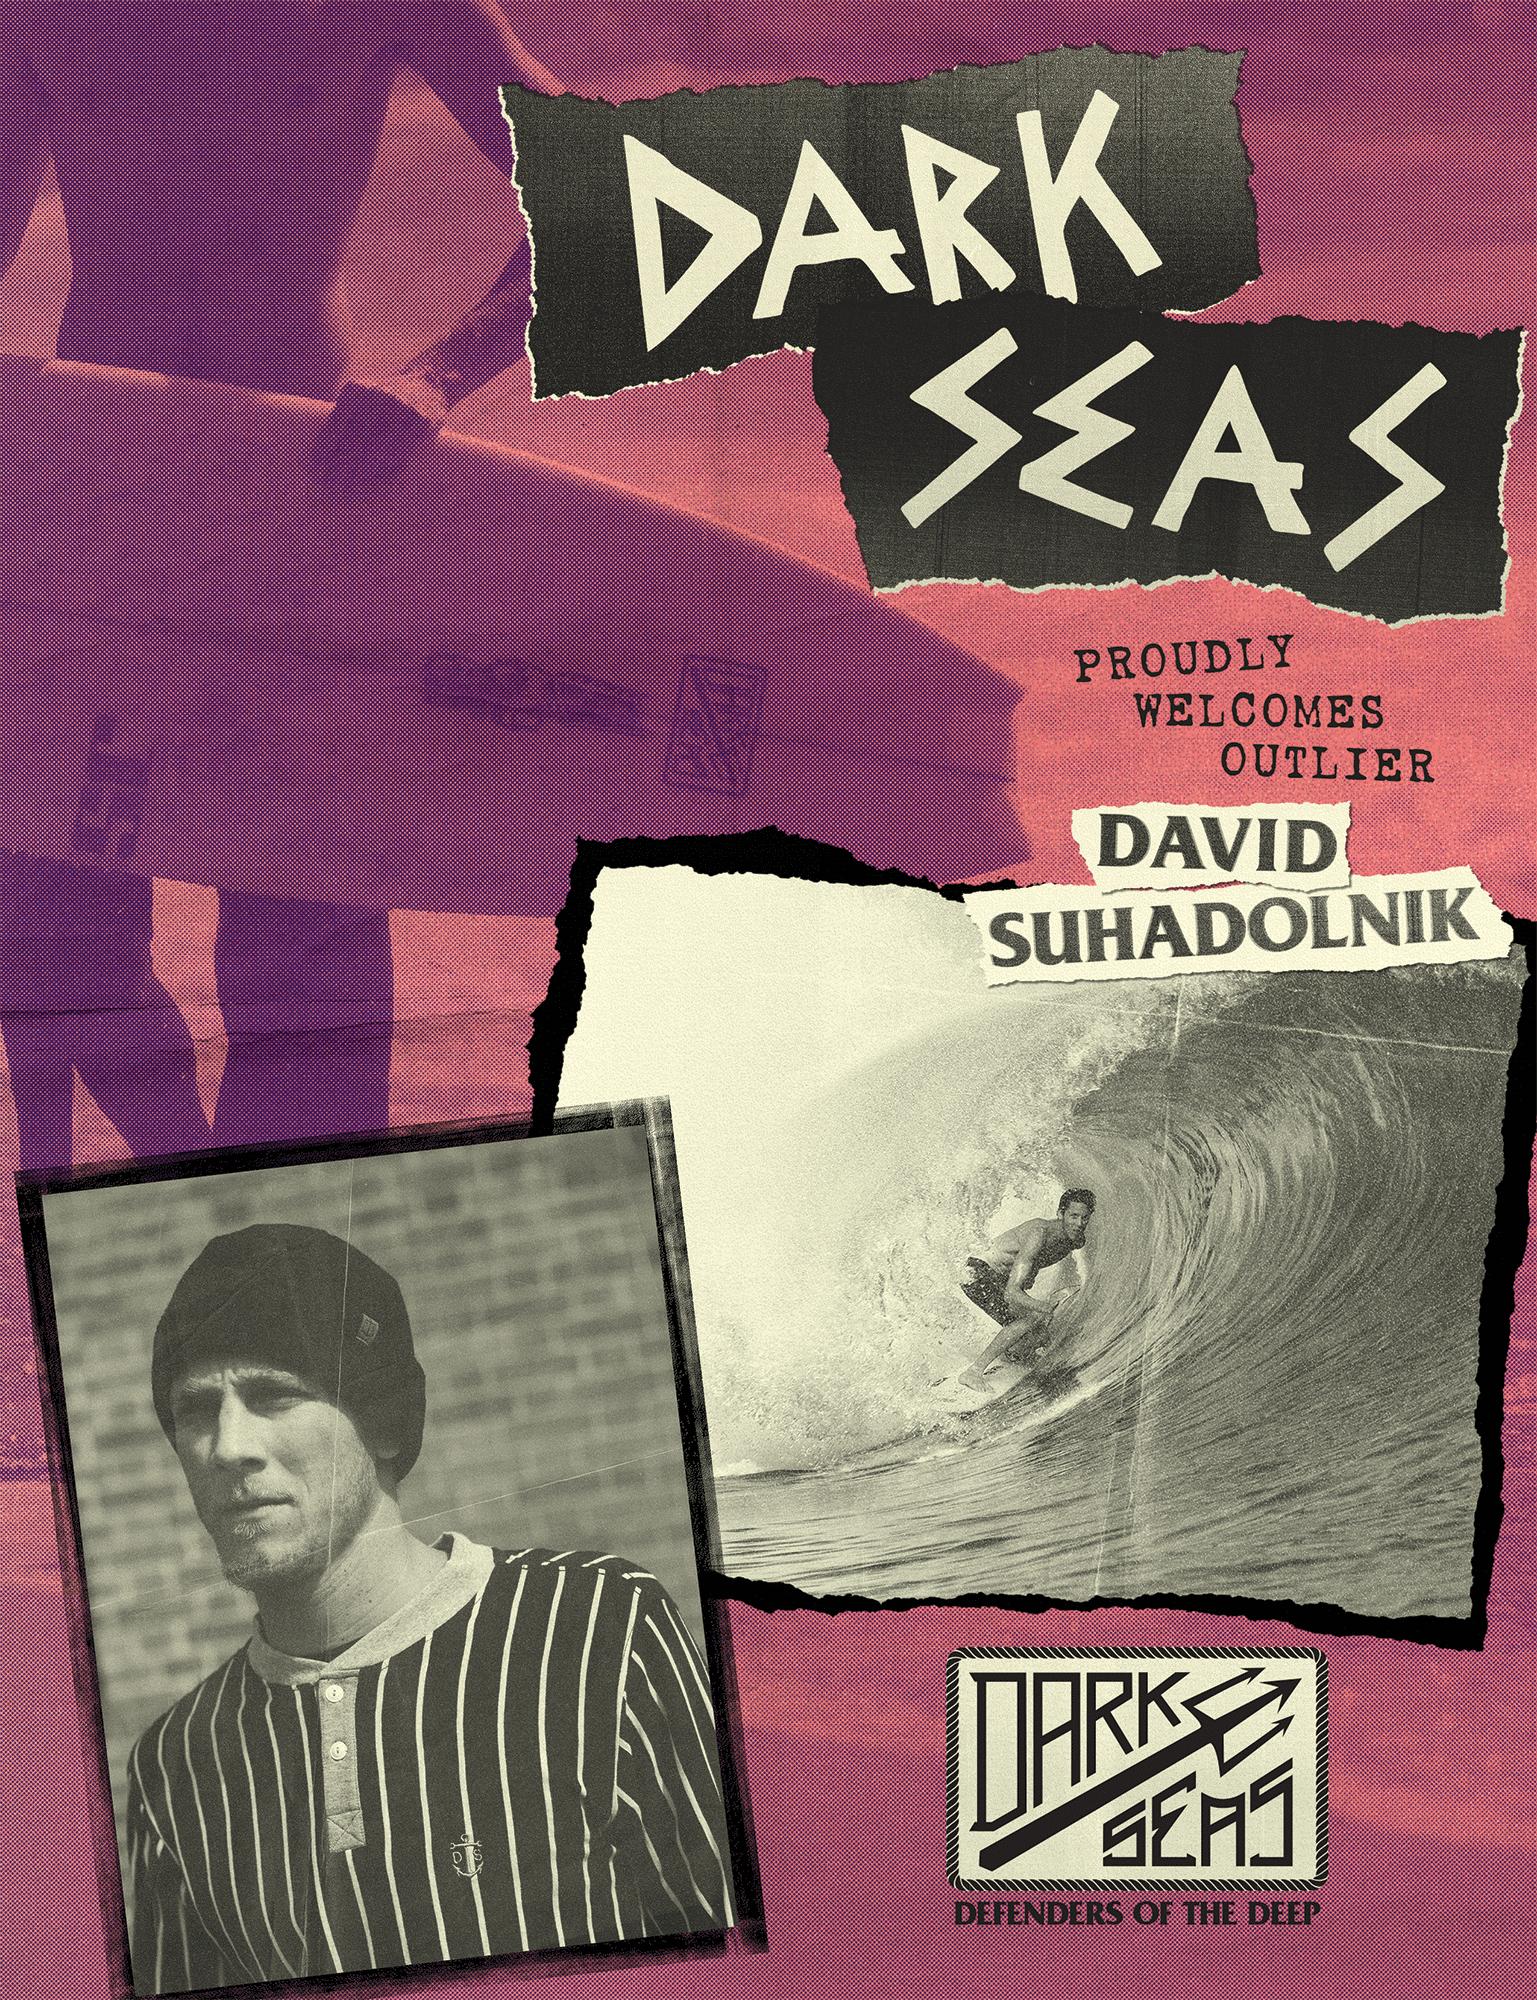 DARK_SEAS_3SESENTA_210mm-x-275mm_August_2016.png